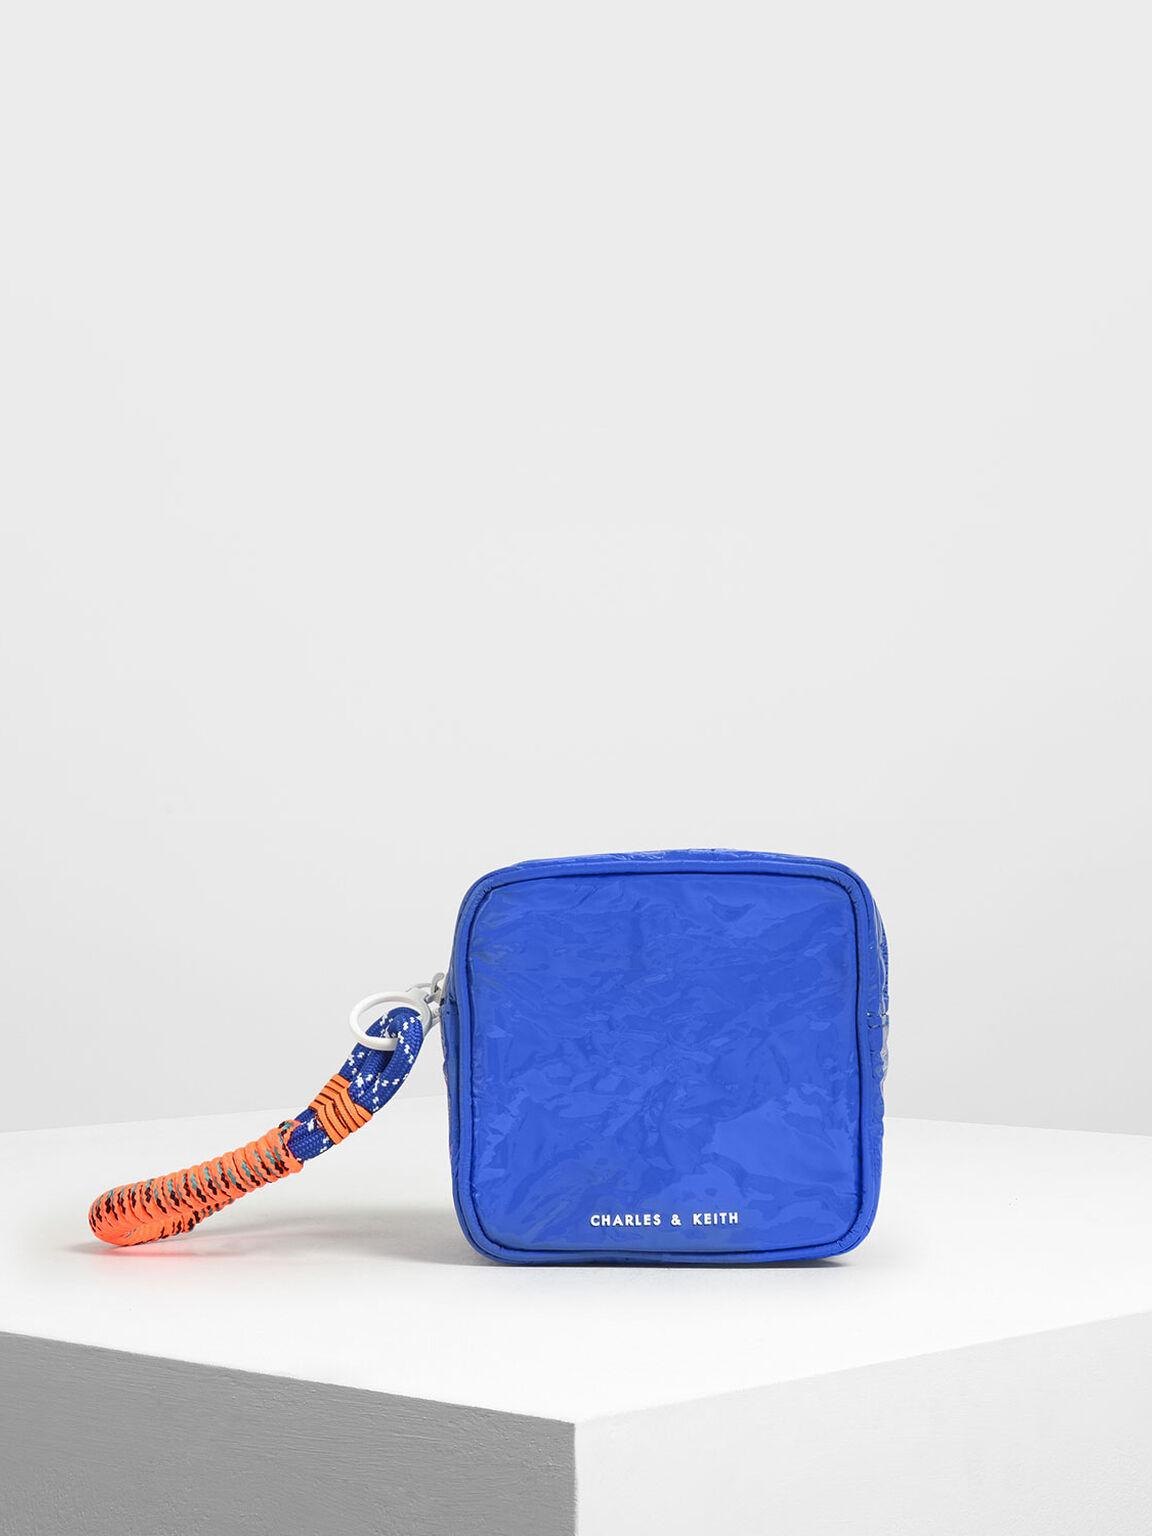 皺褶感拉鍊短夾, 藍色, hi-res